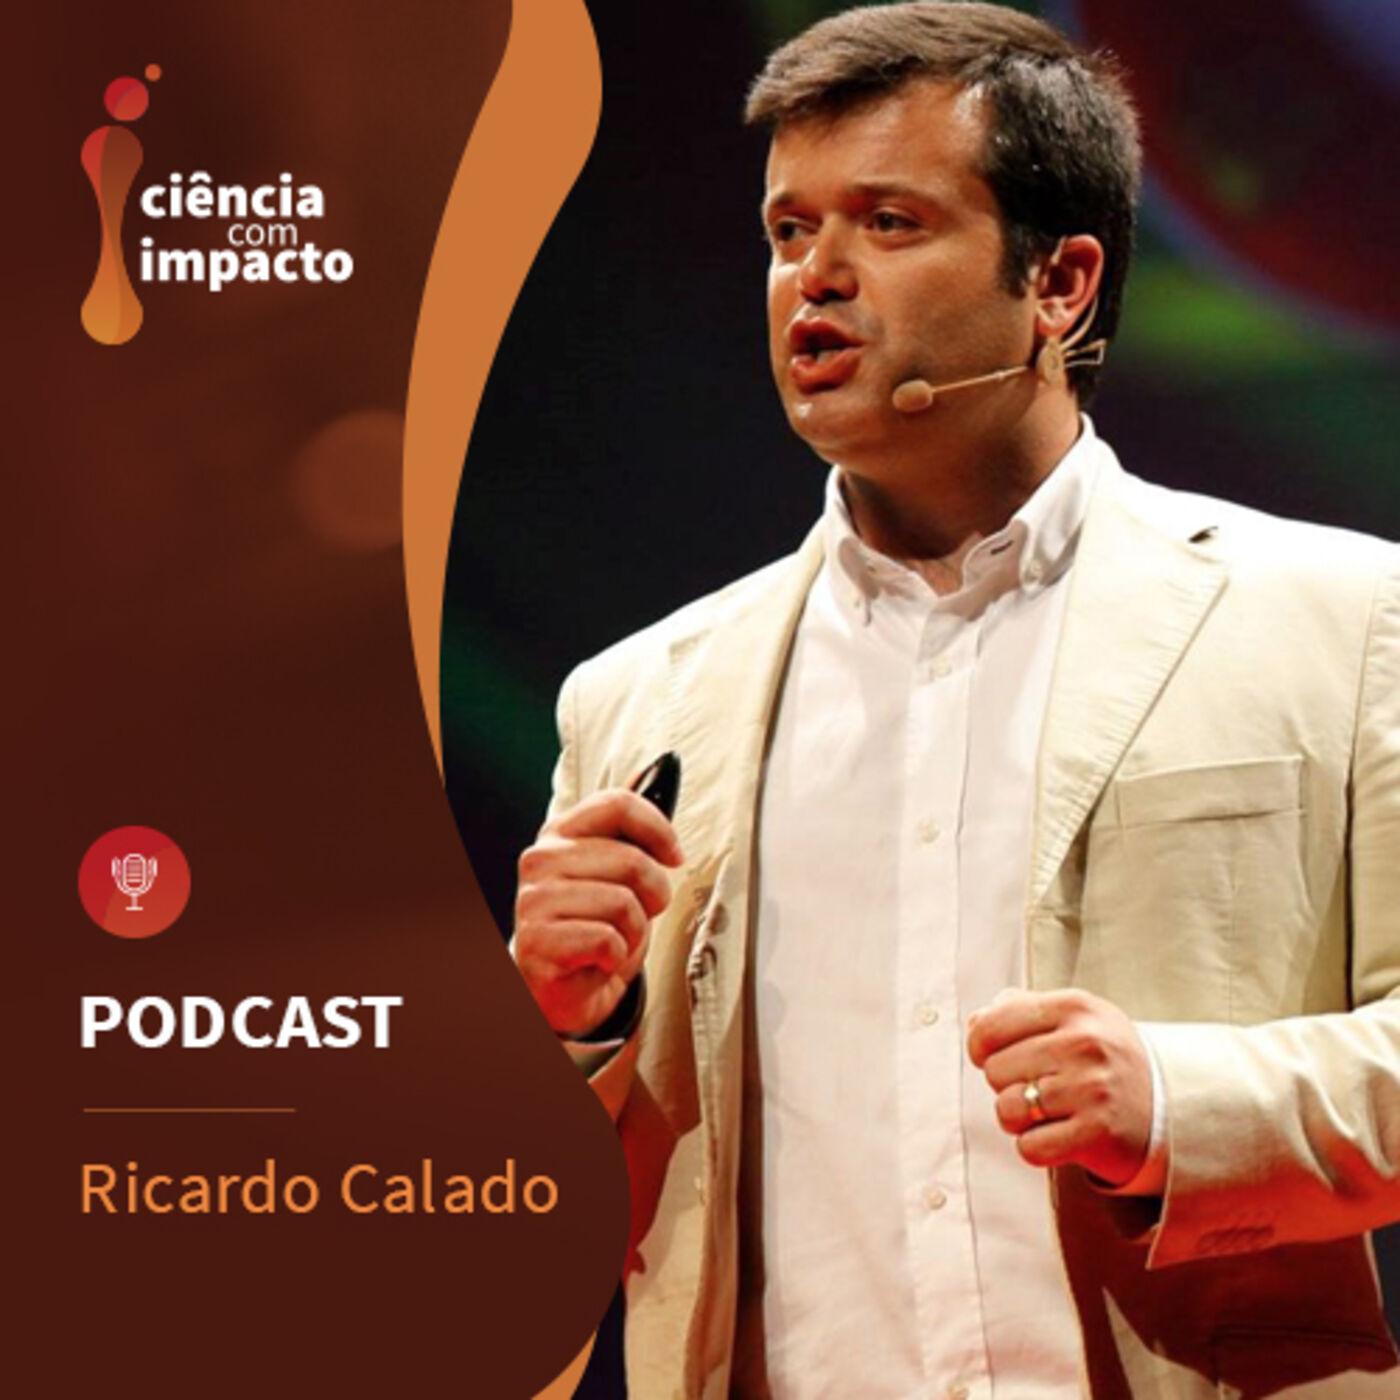 Podcast T1E3: Ricardo Calado - Economia Azul e Aquacultura Sustentável